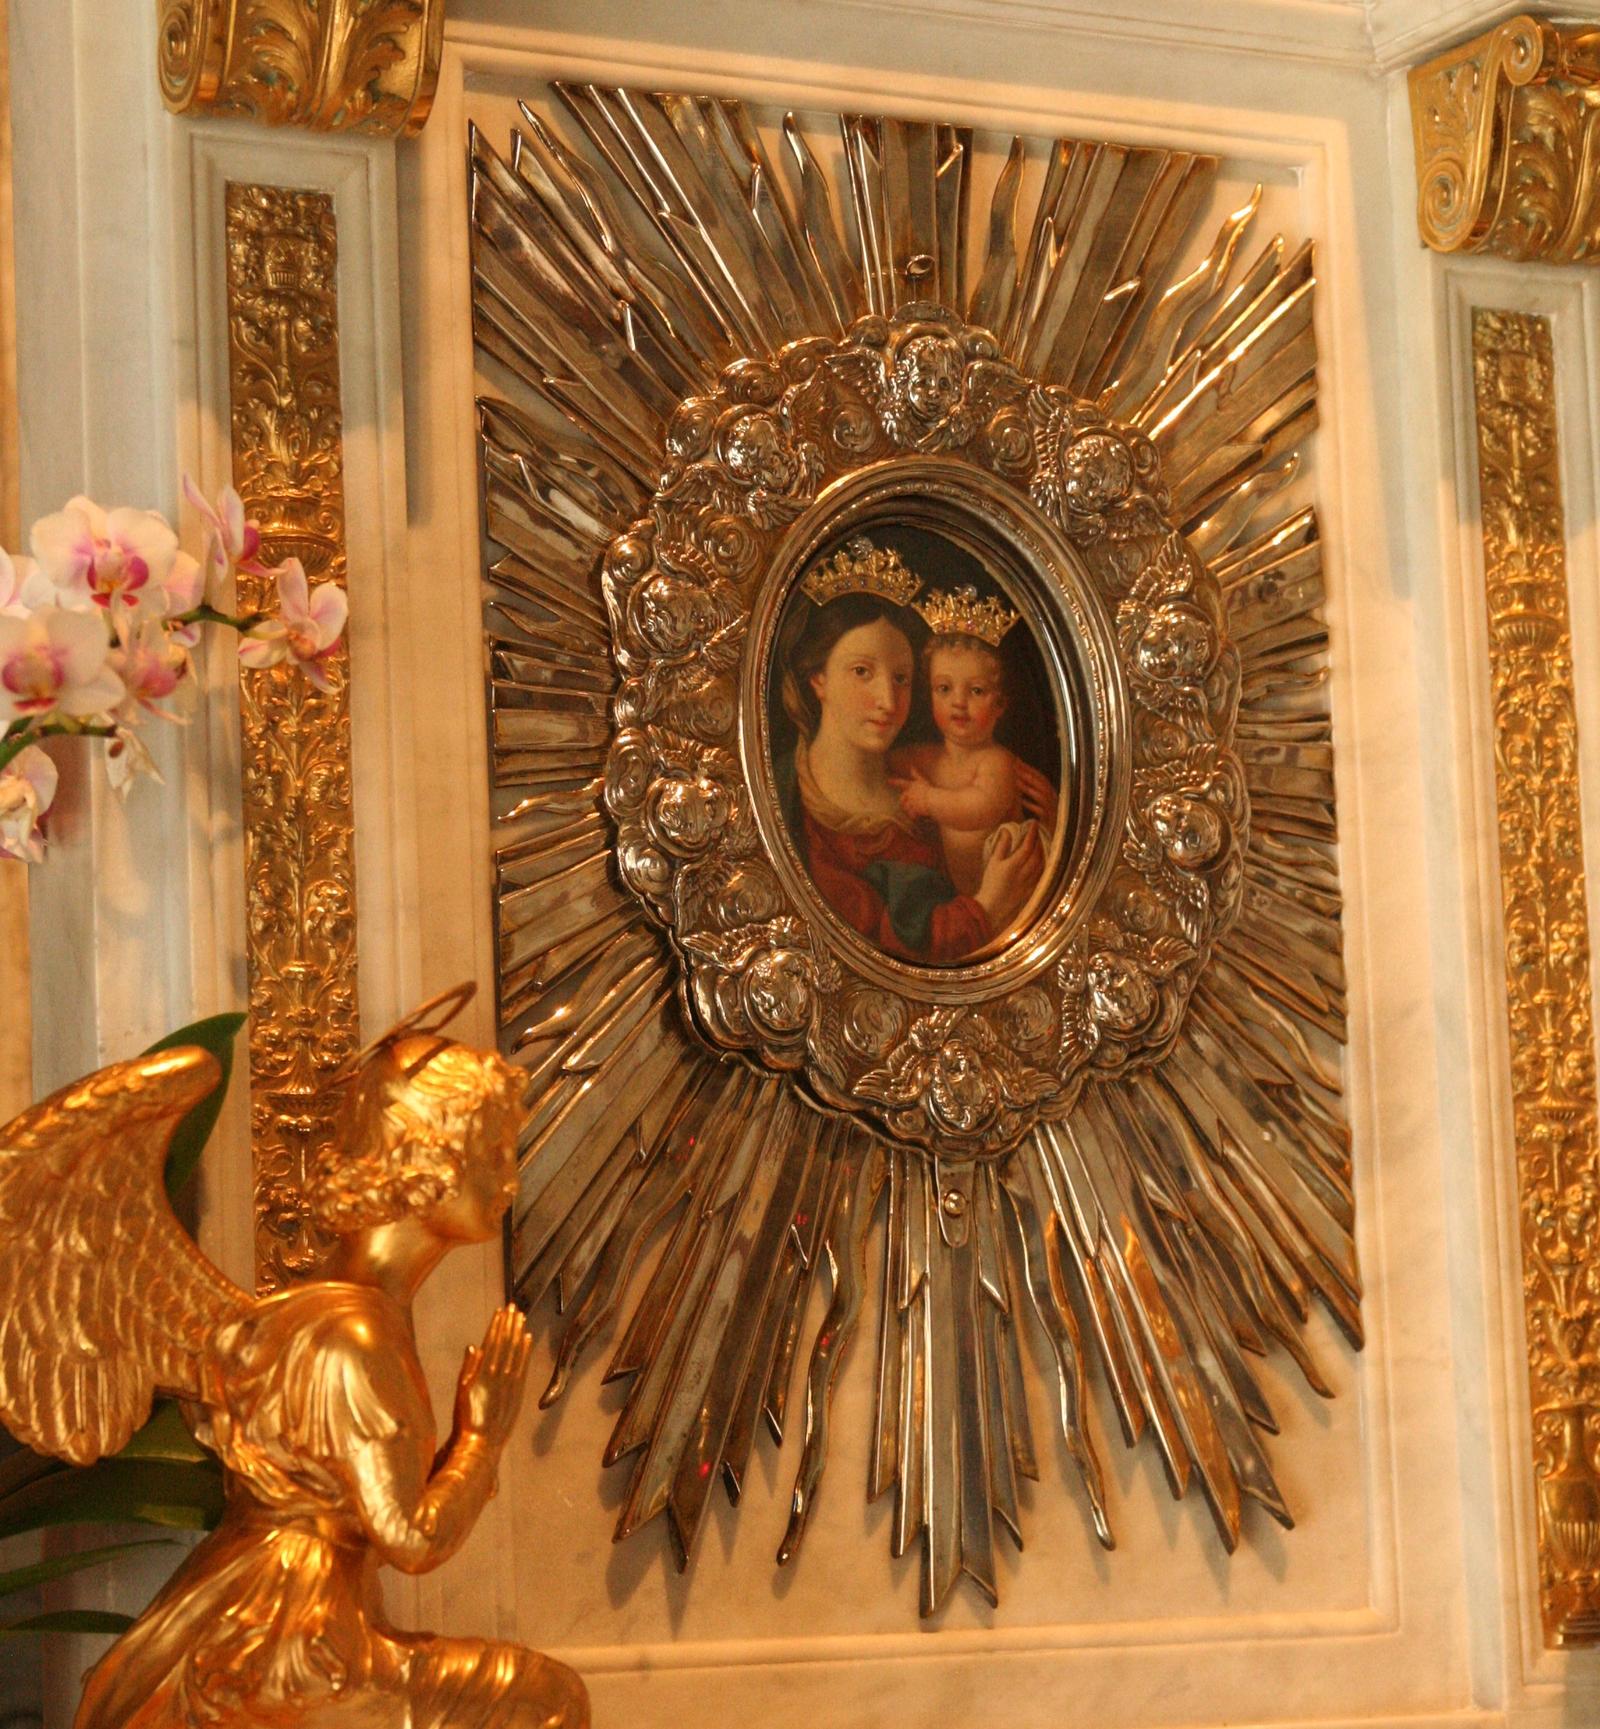 Nuestra Señora de la Confianza, Gracias a quien Contemple la Imagen, Italia (24 feb)